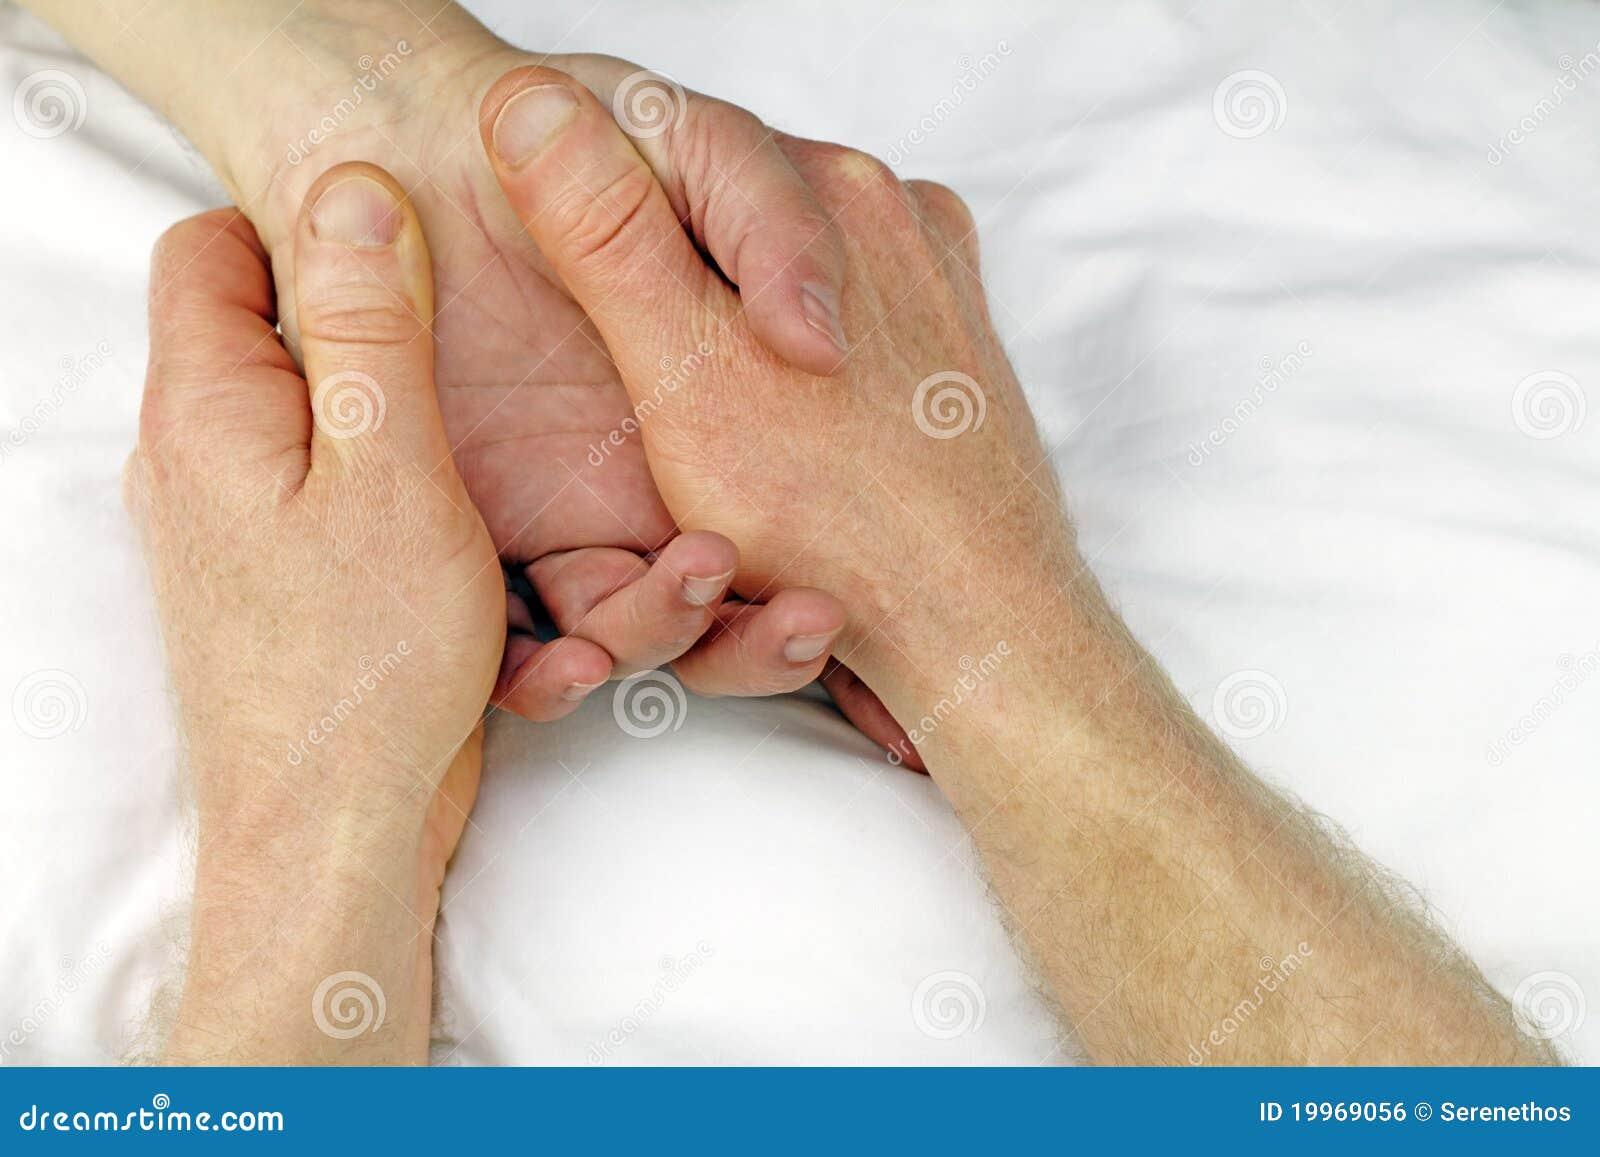 4 hand gay massage escort finder